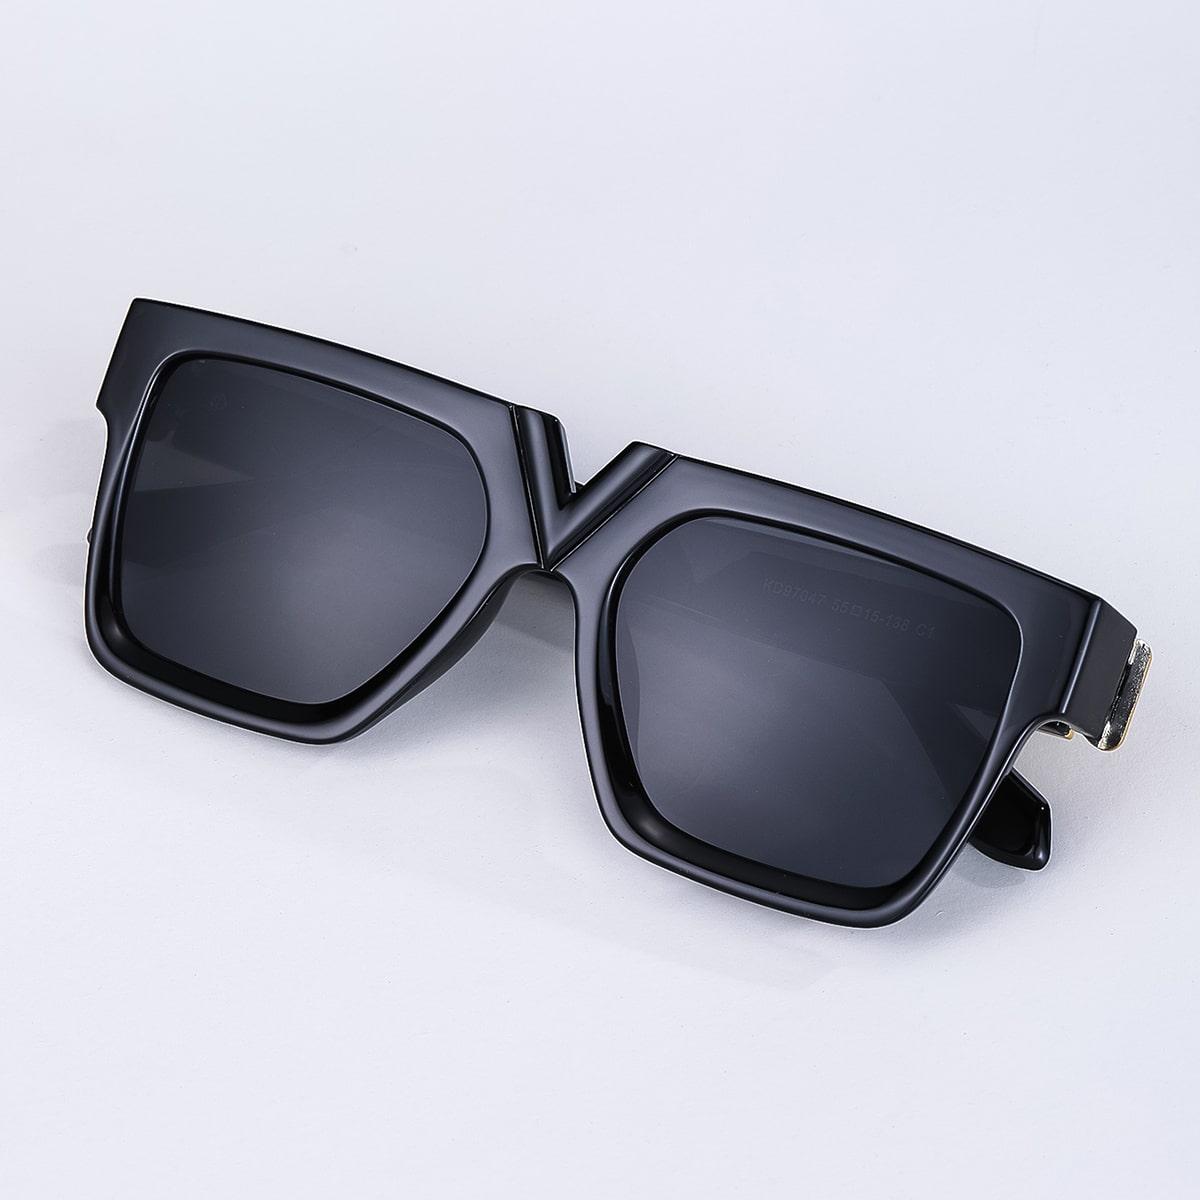 Мужские солнцезащитные очки в акриловой оправе